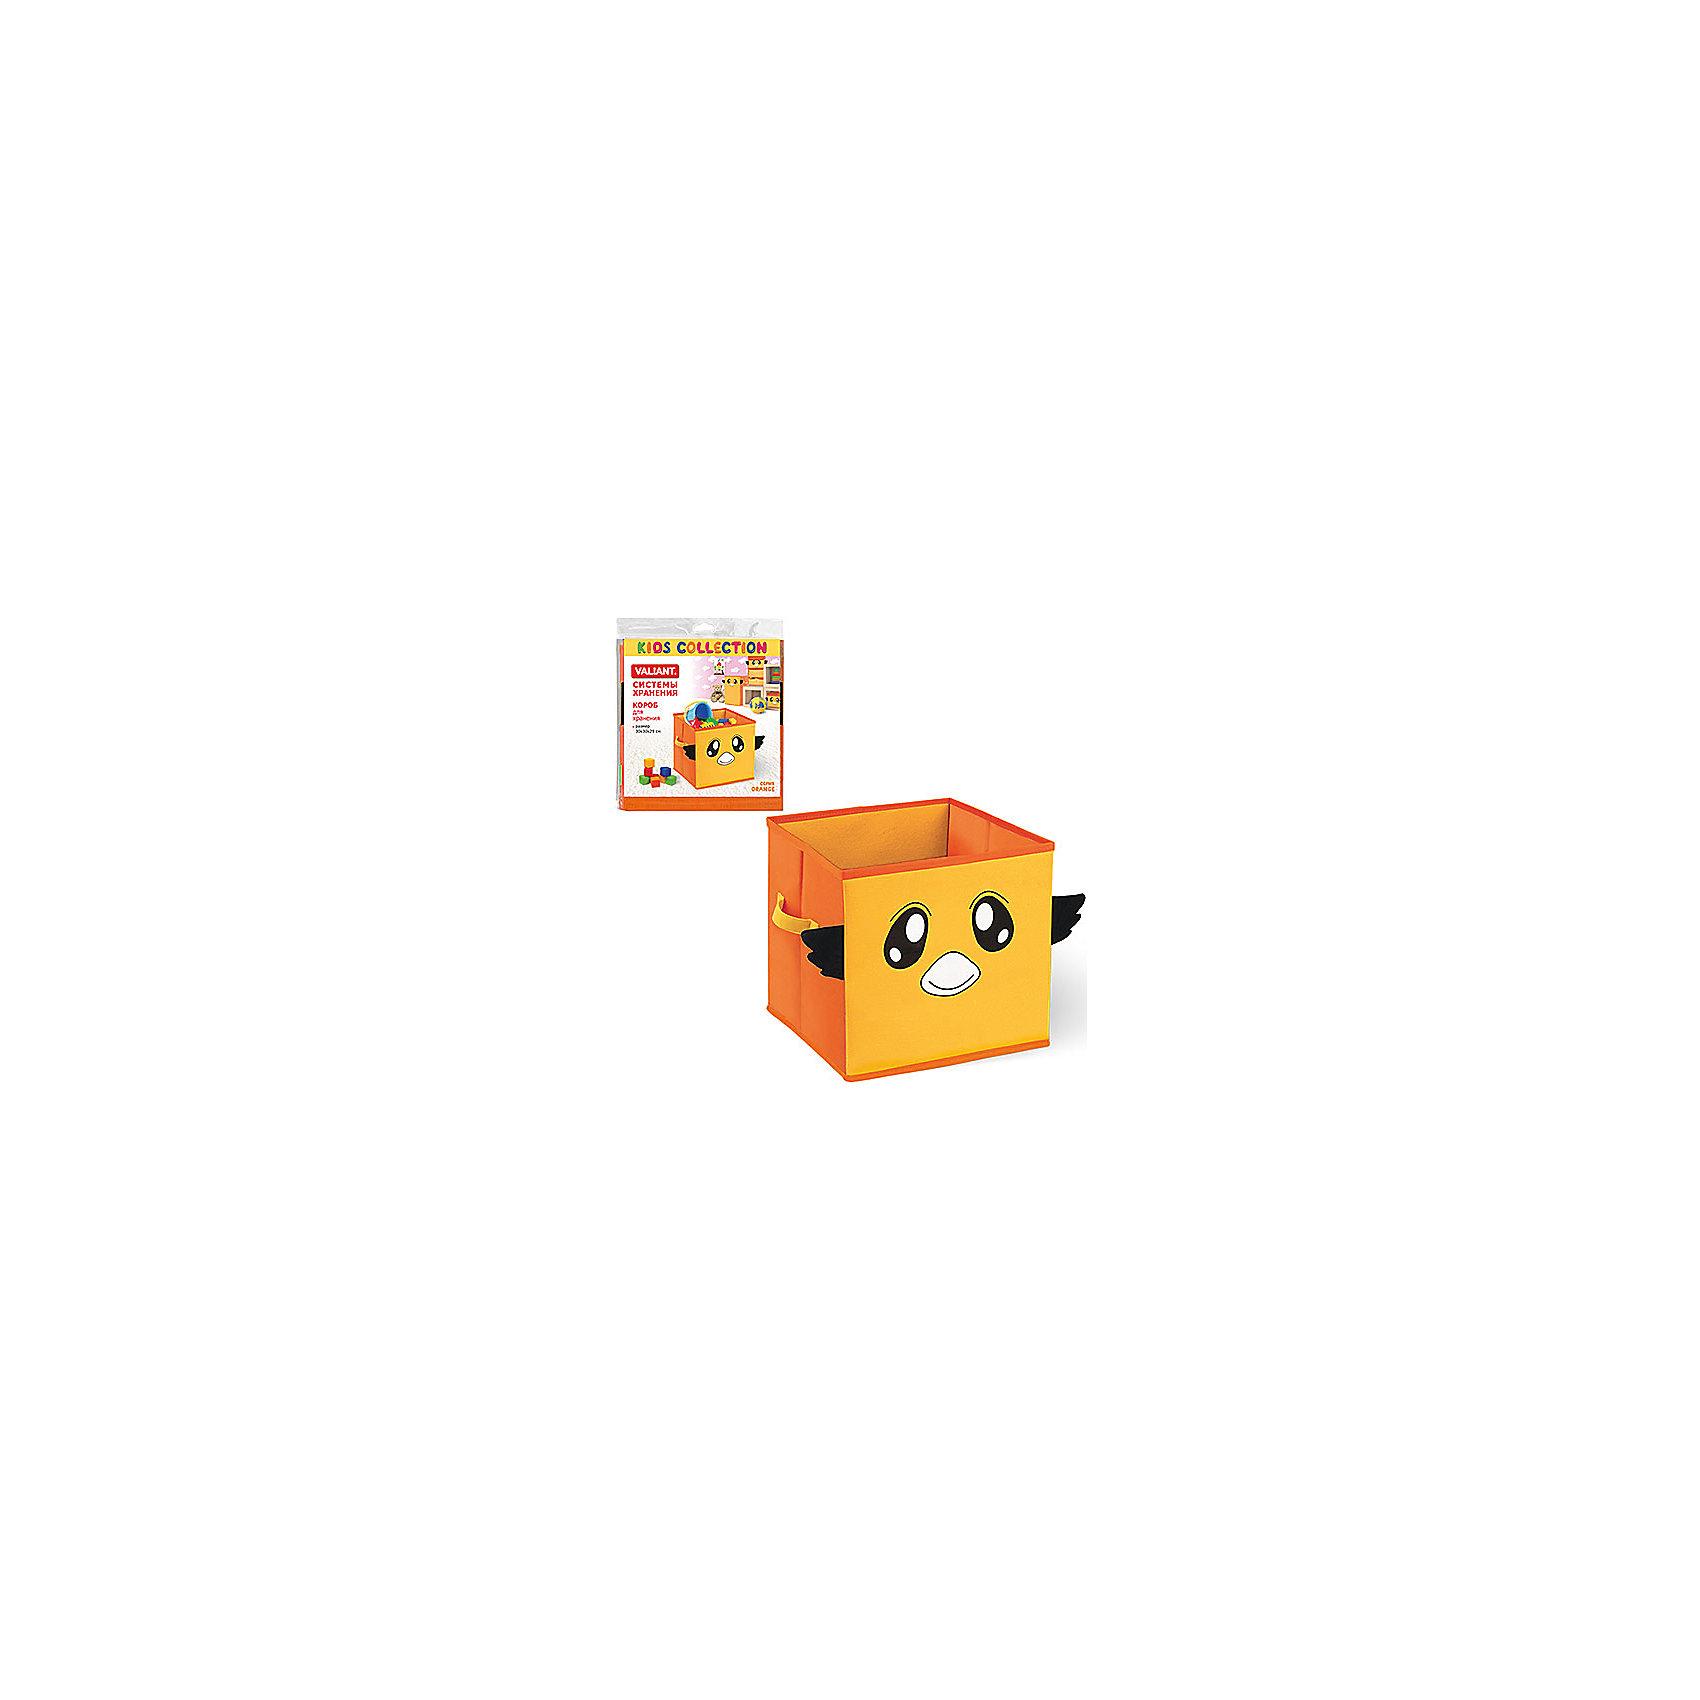 Оранжевый короб для хранения 30*30*29 смКороб для хранения 30*30*29 см. изготовлен из качественного нетканого материала, который позволяет сохранять естественную вентиляцию, а воздуху свободно проникать внутрь, не пропуская пыль. Короб предназначен для хранения детских вещей, а также, сочетает в себе практичность и яркий игровой дизайн, благодаря которому прекрасно подойдет для детской комнаты. Мобильность конструкции обеспечивает складывание и раскладывание одним движением.<br><br>Дополнительная информация:<br><br>- материал: нетканый материал<br>- цвет: оранжевый<br>- размер короба: 60 * 60 * 30 см.<br>- размер упаковки: 63 * 32 * 1,5 см.<br><br>Оранжевый короб для хранения 30*30*29 см. можно купить в нашем интернет-магазине.<br><br>Ширина мм: 300<br>Глубина мм: 300<br>Высота мм: 290<br>Вес г: 587<br>Возраст от месяцев: -2147483648<br>Возраст до месяцев: 2147483647<br>Пол: Унисекс<br>Возраст: Детский<br>SKU: 4563426